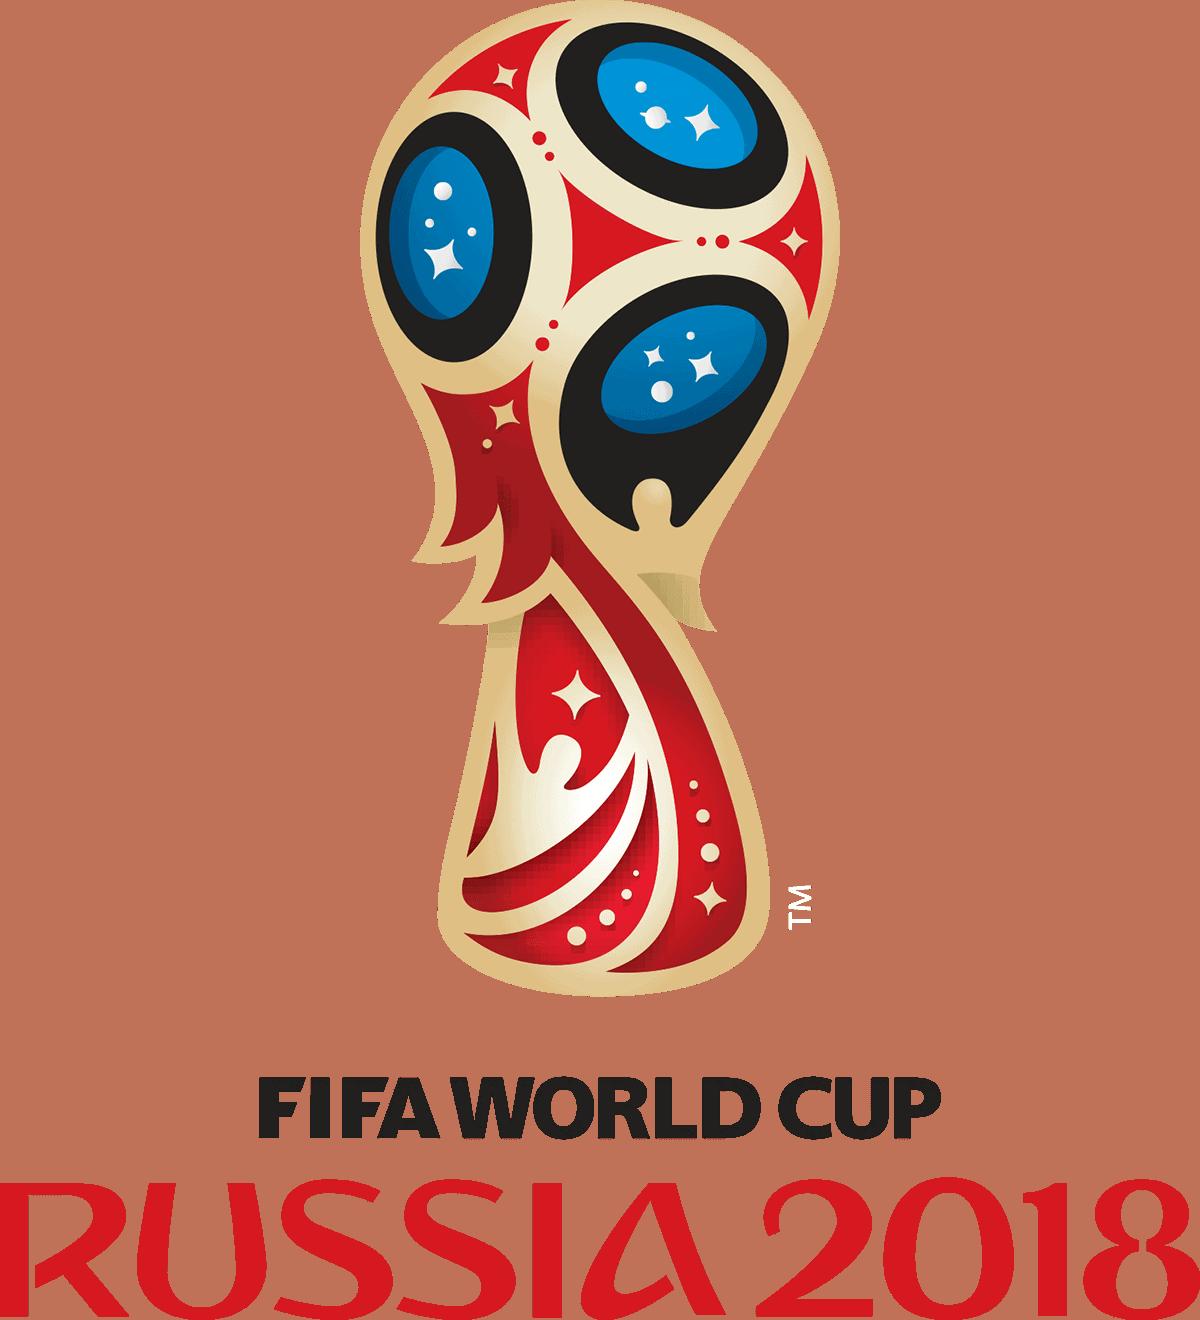 rusia 2018 logo